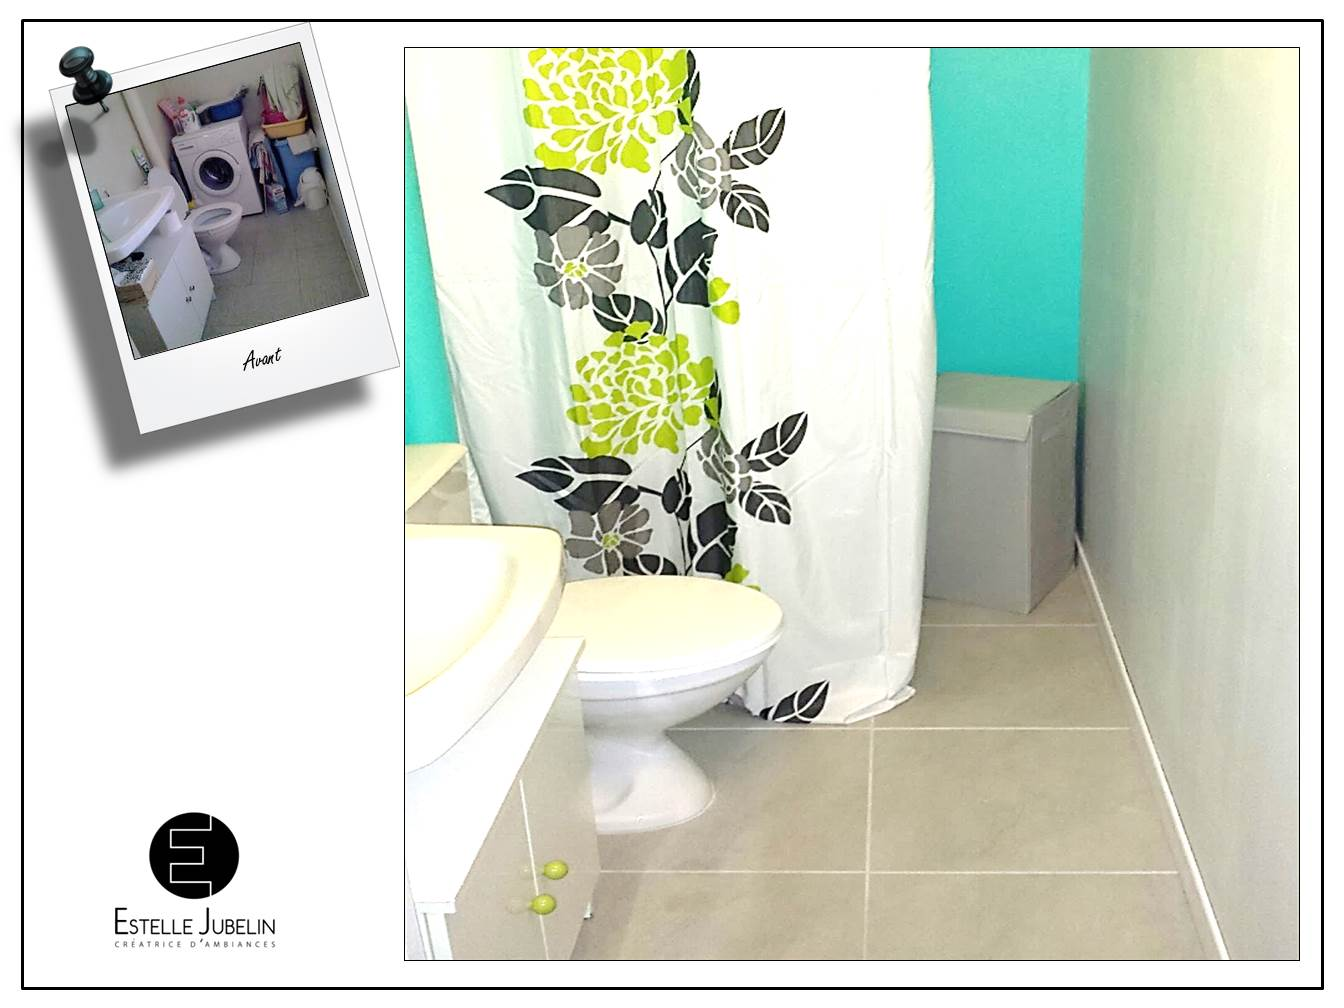 home staging wc buanderie epernay estelle jubelinestelle jubelin. Black Bedroom Furniture Sets. Home Design Ideas